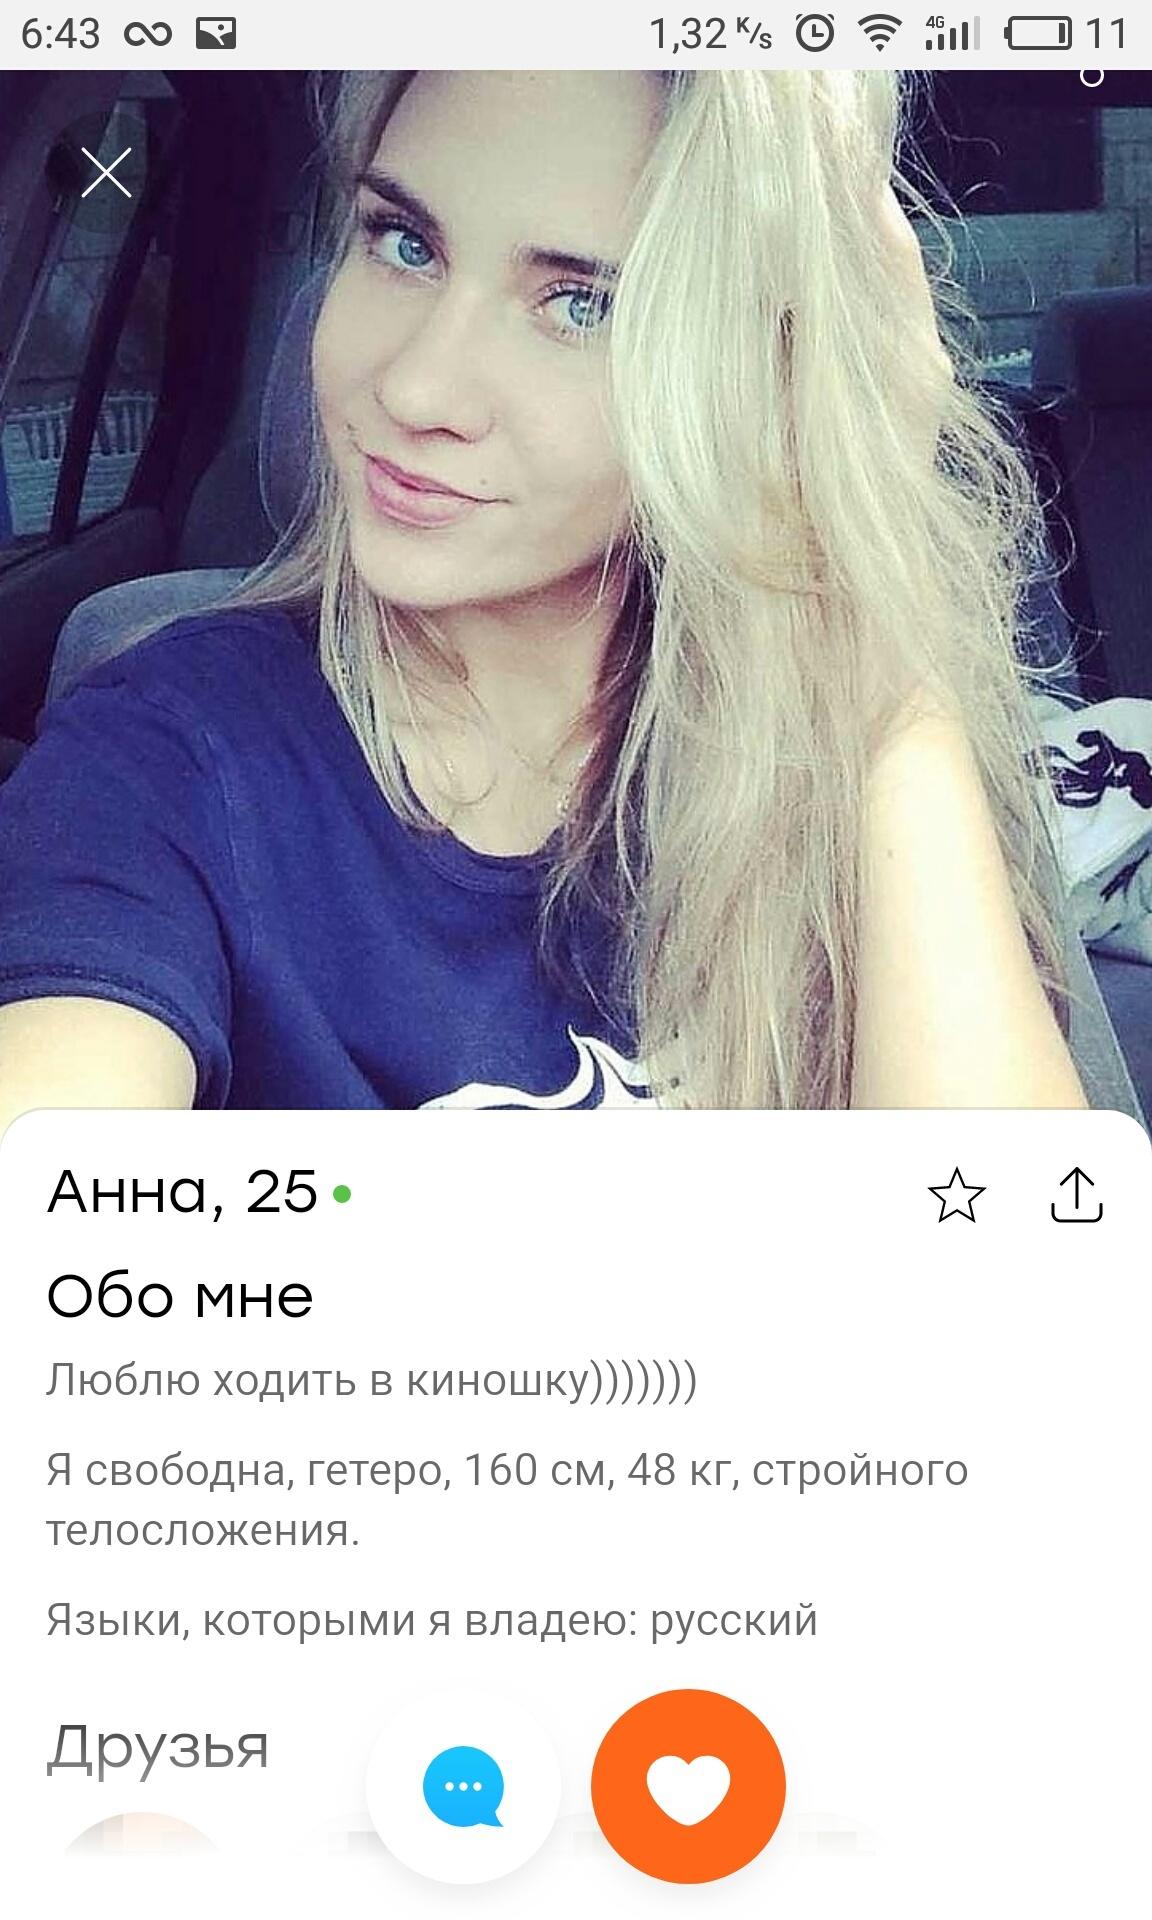 Журналы знакомств тодых по-русски знакомства знакомства рамблер казань